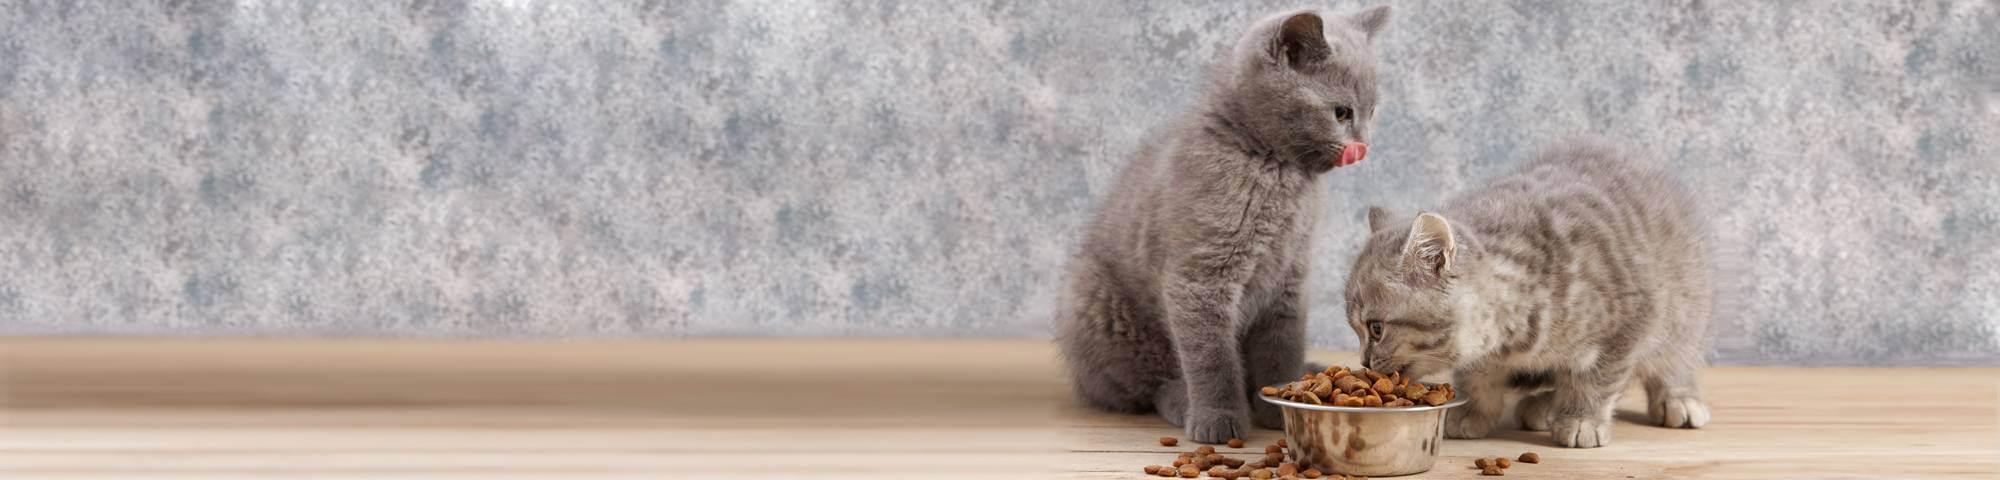 Можно ли коту сырую рыбу. можно ли кошкам рыбу – за и против. правила сбалансированного питания